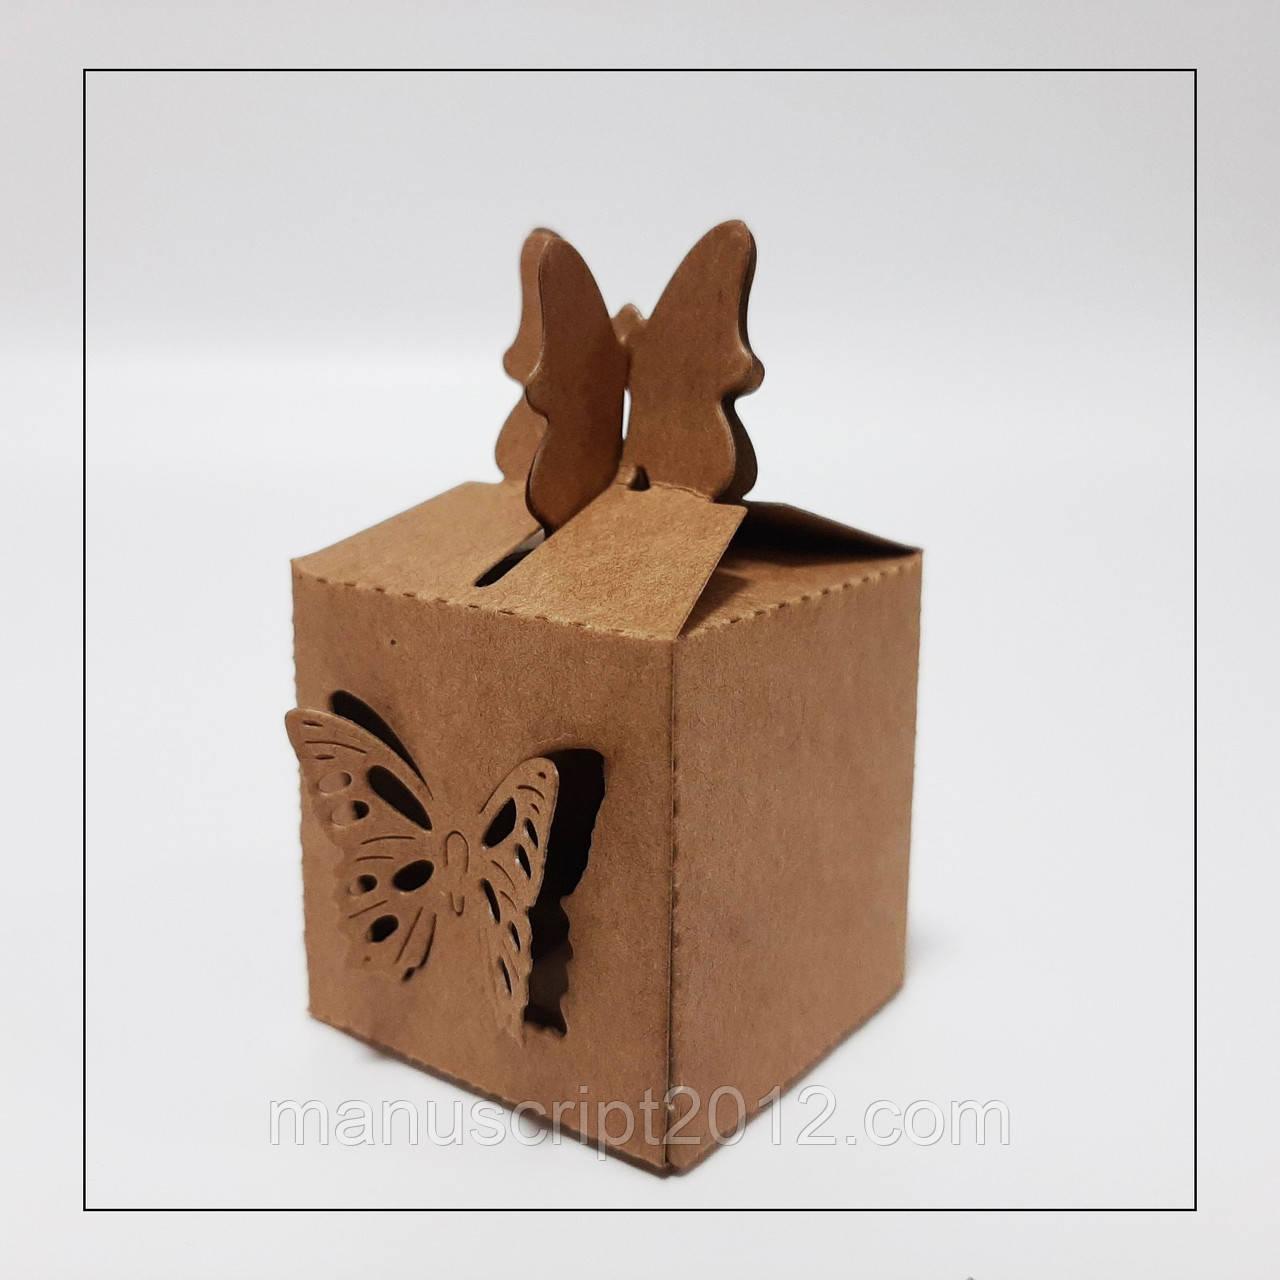 Бонбоньєрка коробка для цукерки крафтова 38х38х38 мм.